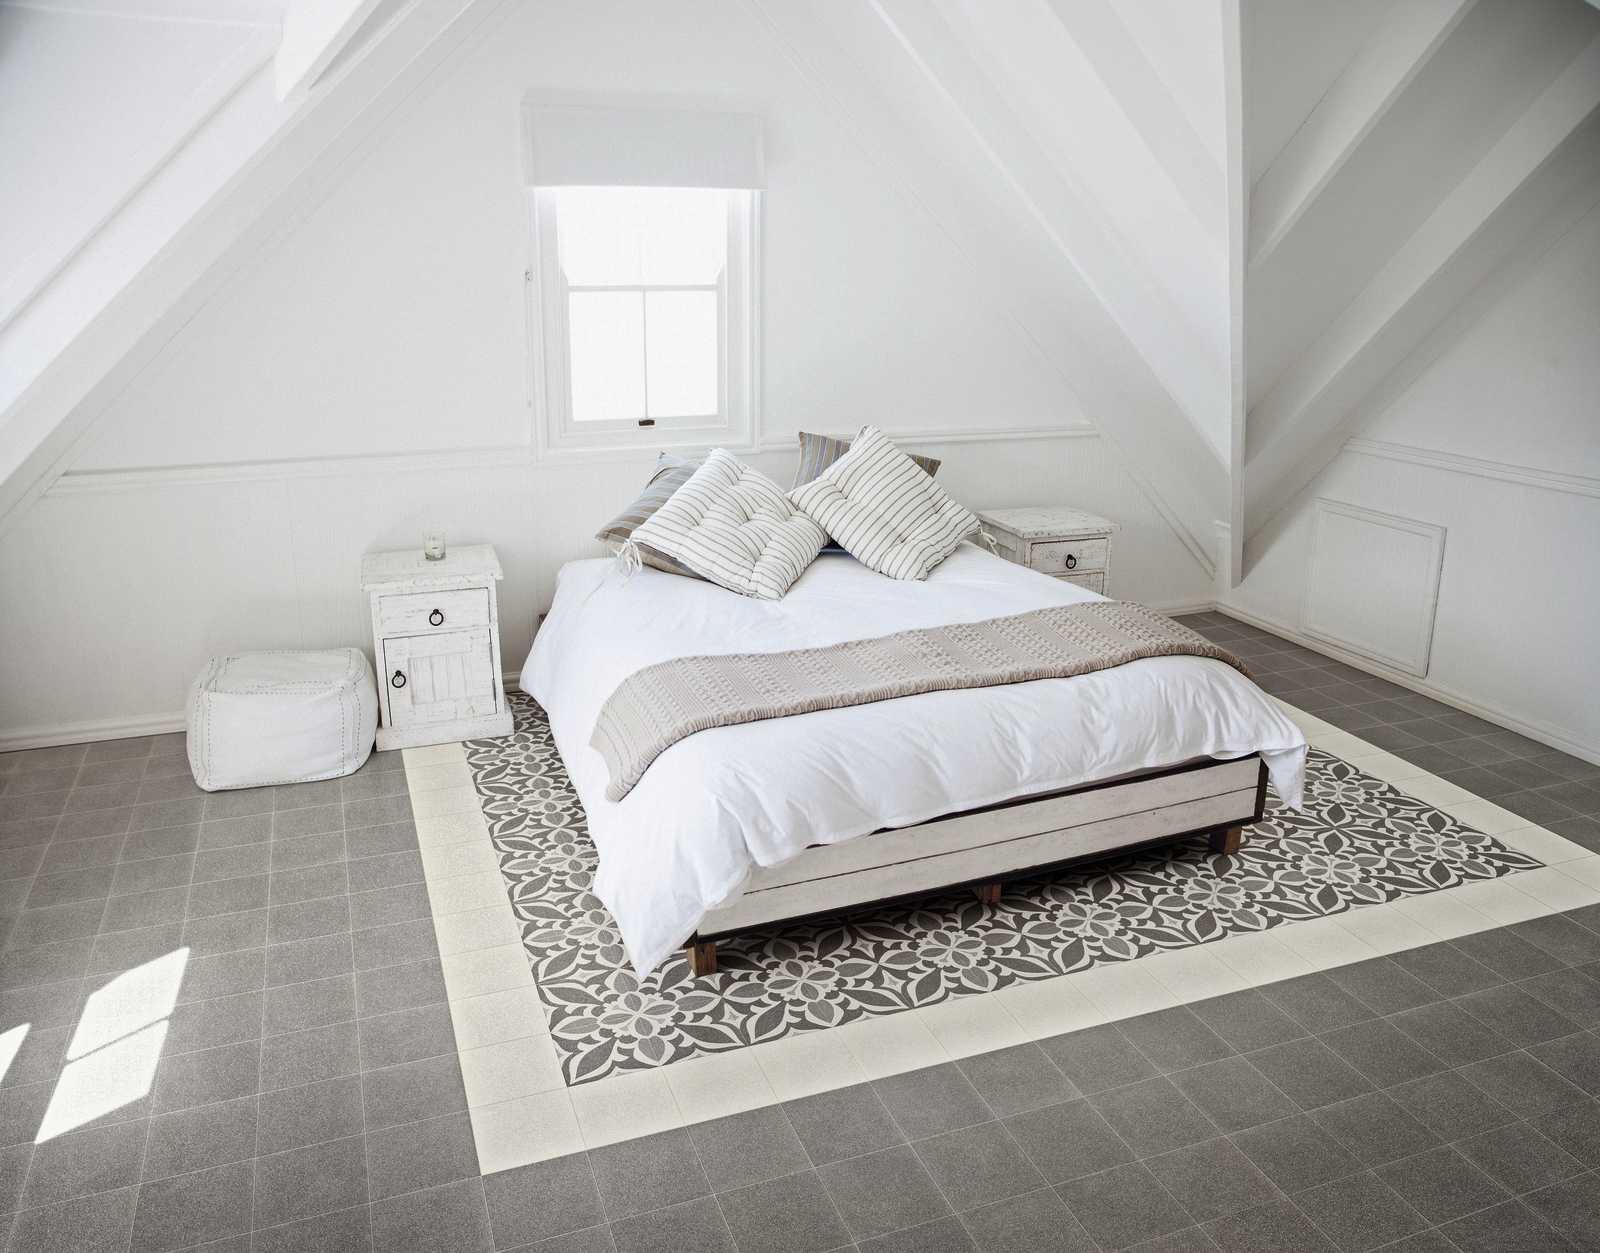 Piastrelle camera da letto: ceramica per la zona notte ragno